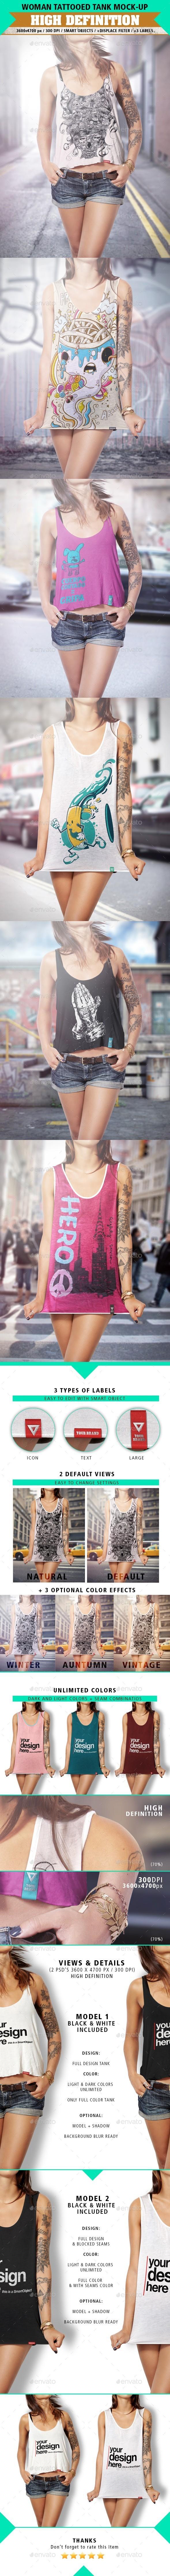 Tank Top Mock-Up Tattooed Woman - T-shirts Apparel